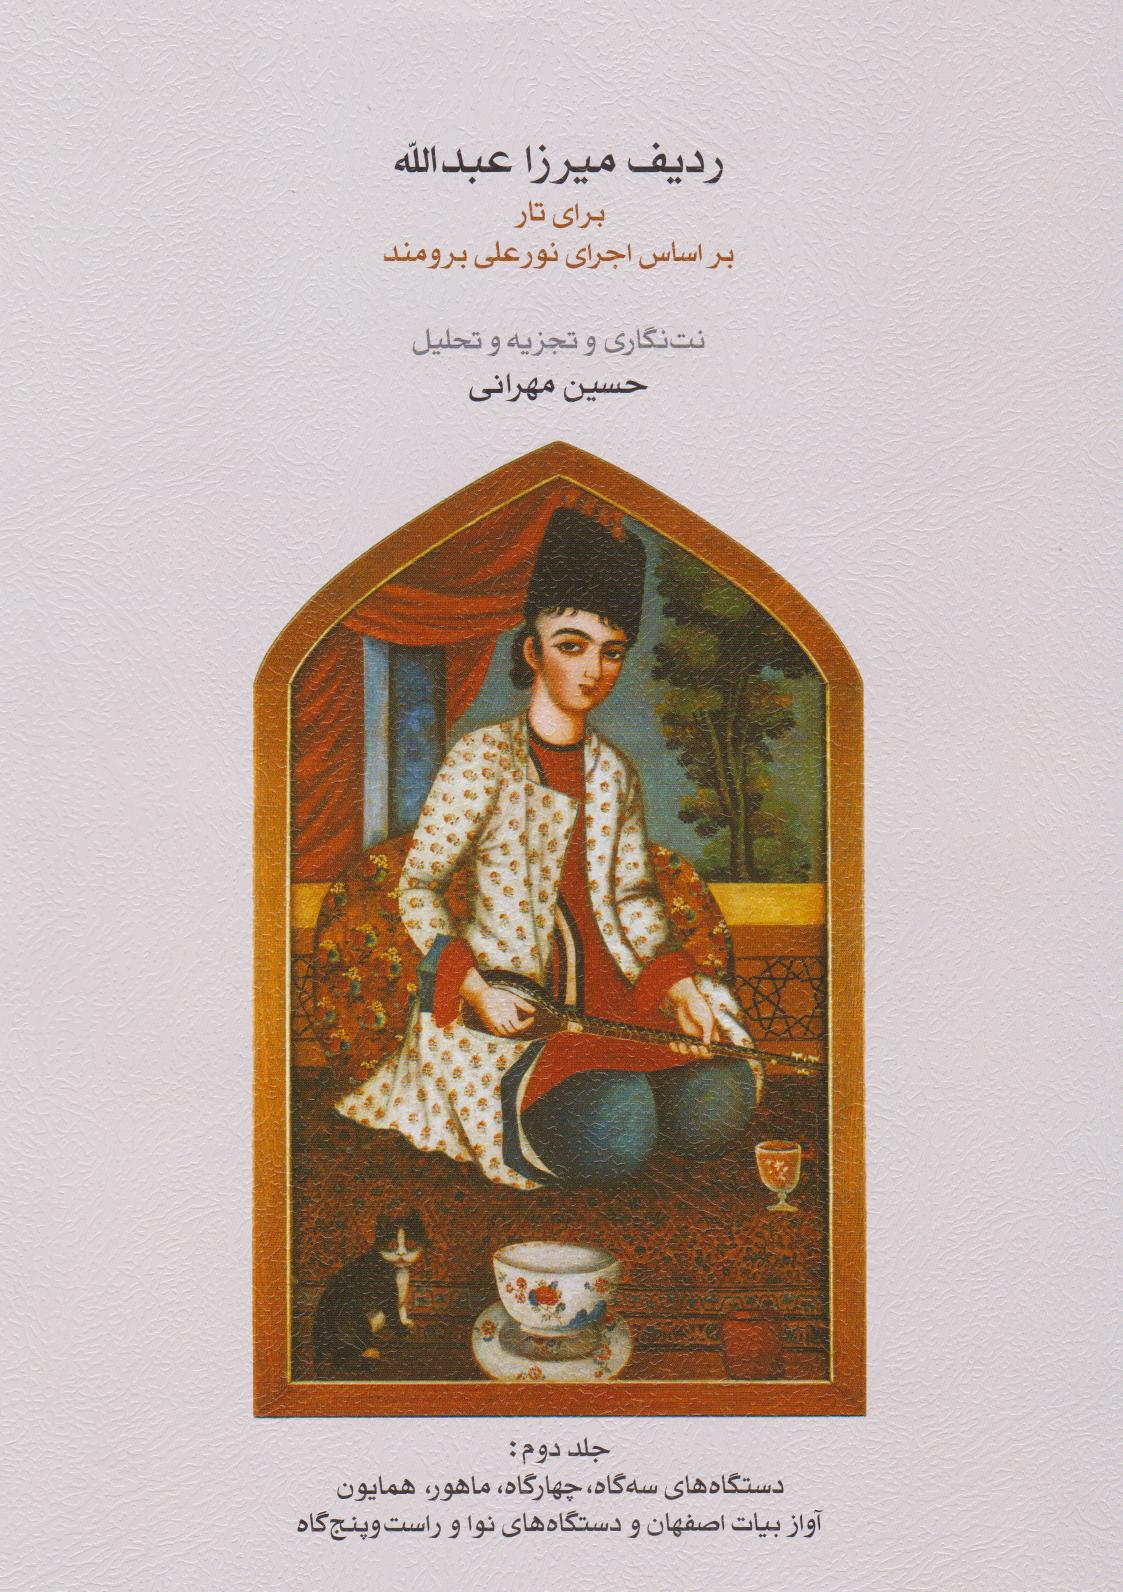 کتاب دوم ردیف میرزا عبدالله تار دستگاه شور و متعلقات حسین مهرانی انتشارات ماهور